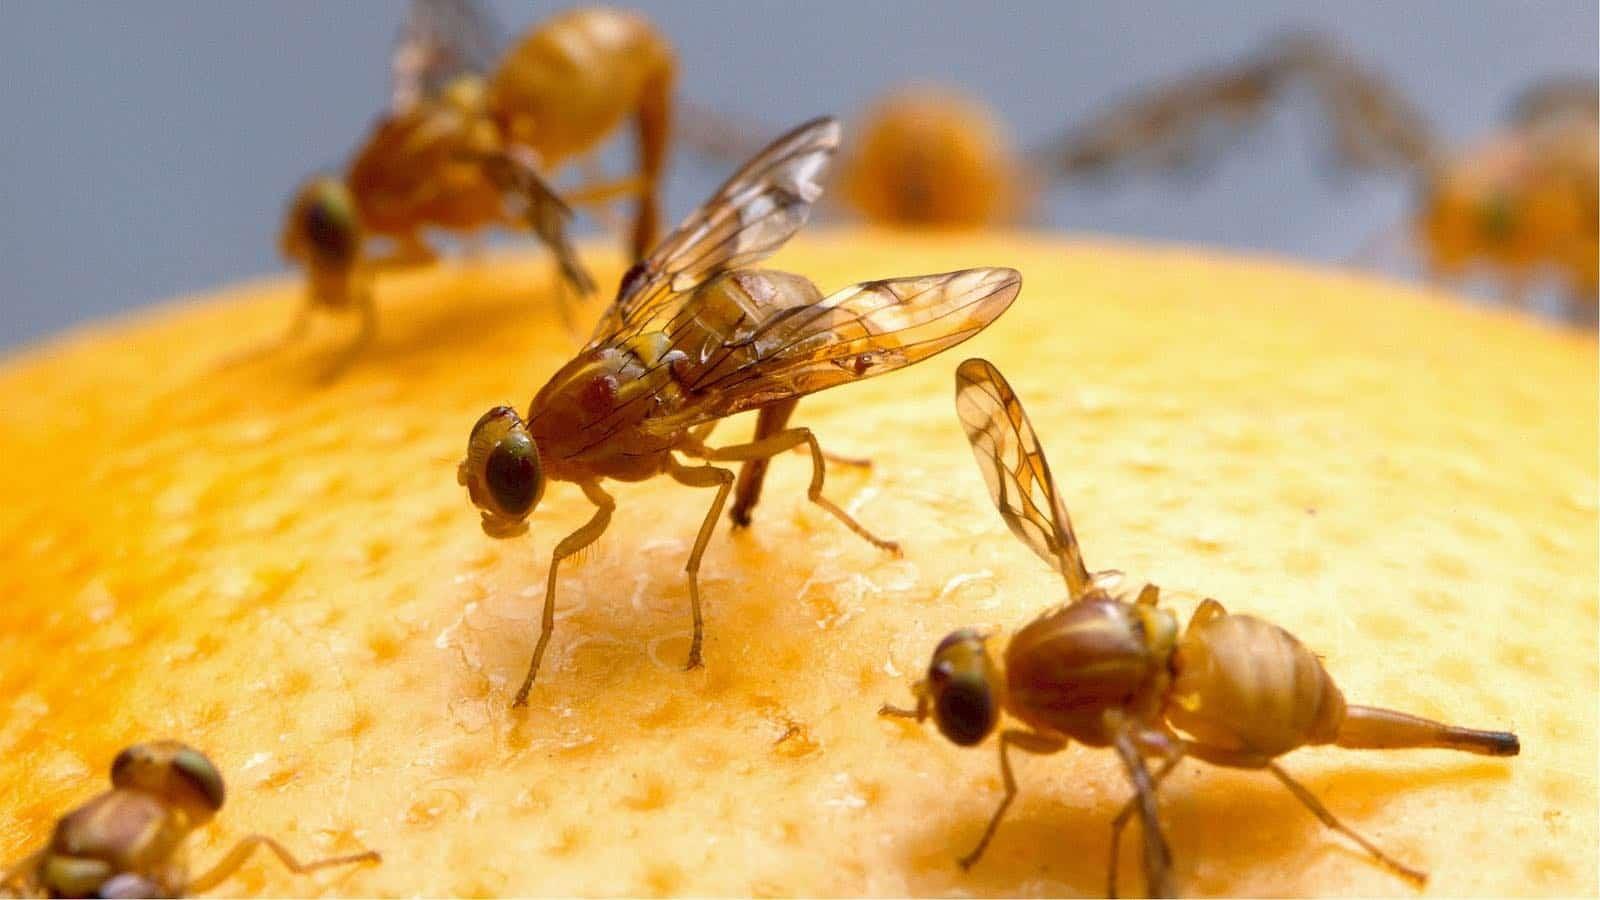 Fruchtfliegen loswerden- Was tun gegen Fruchtfliegen?